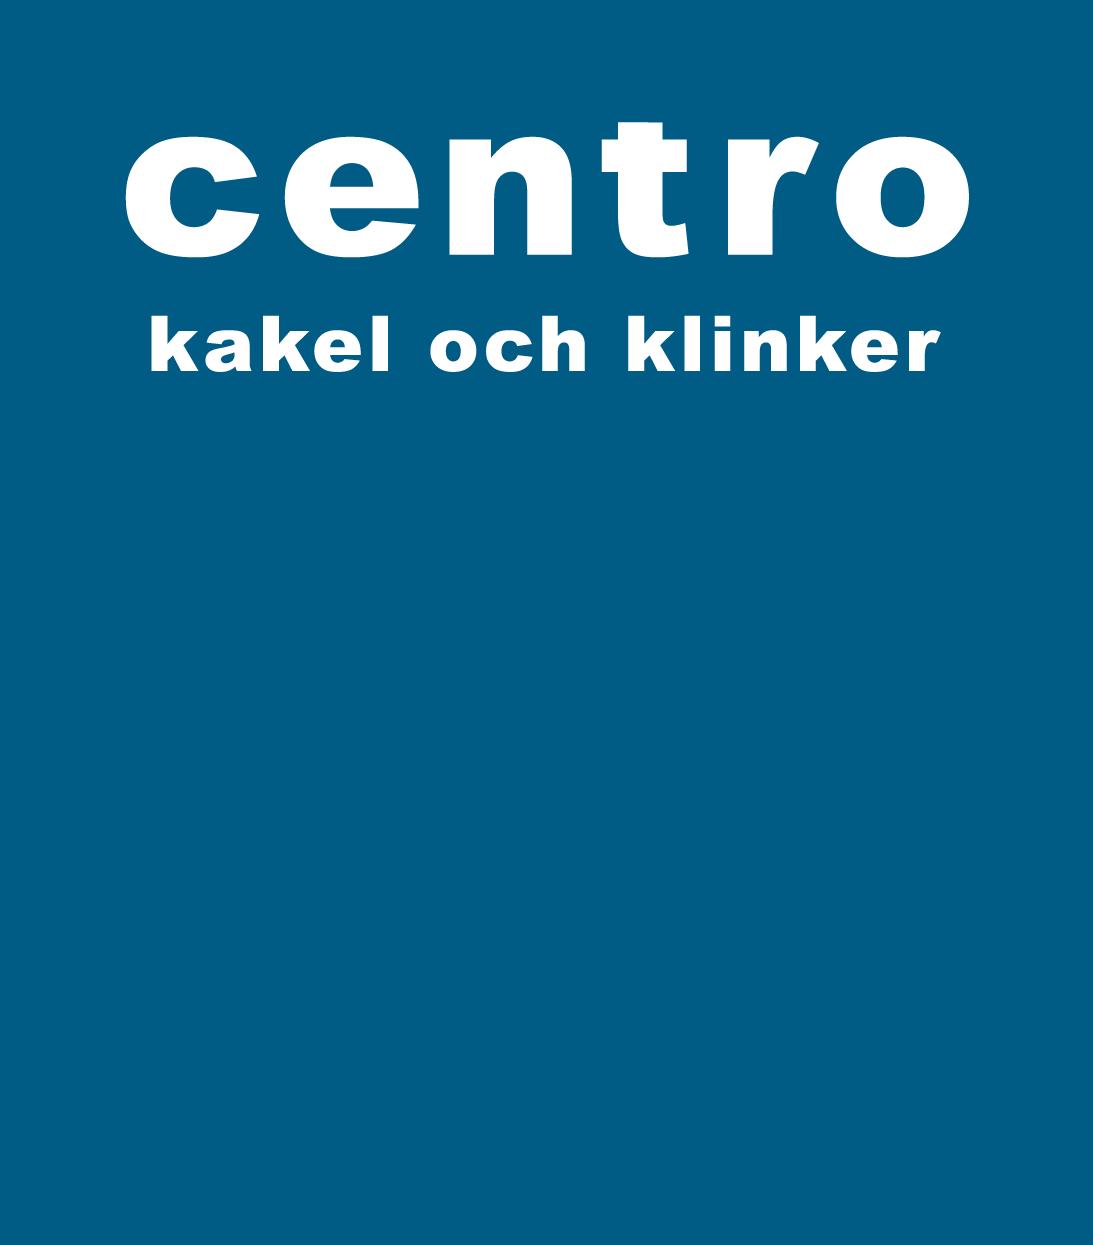 www.centro.se